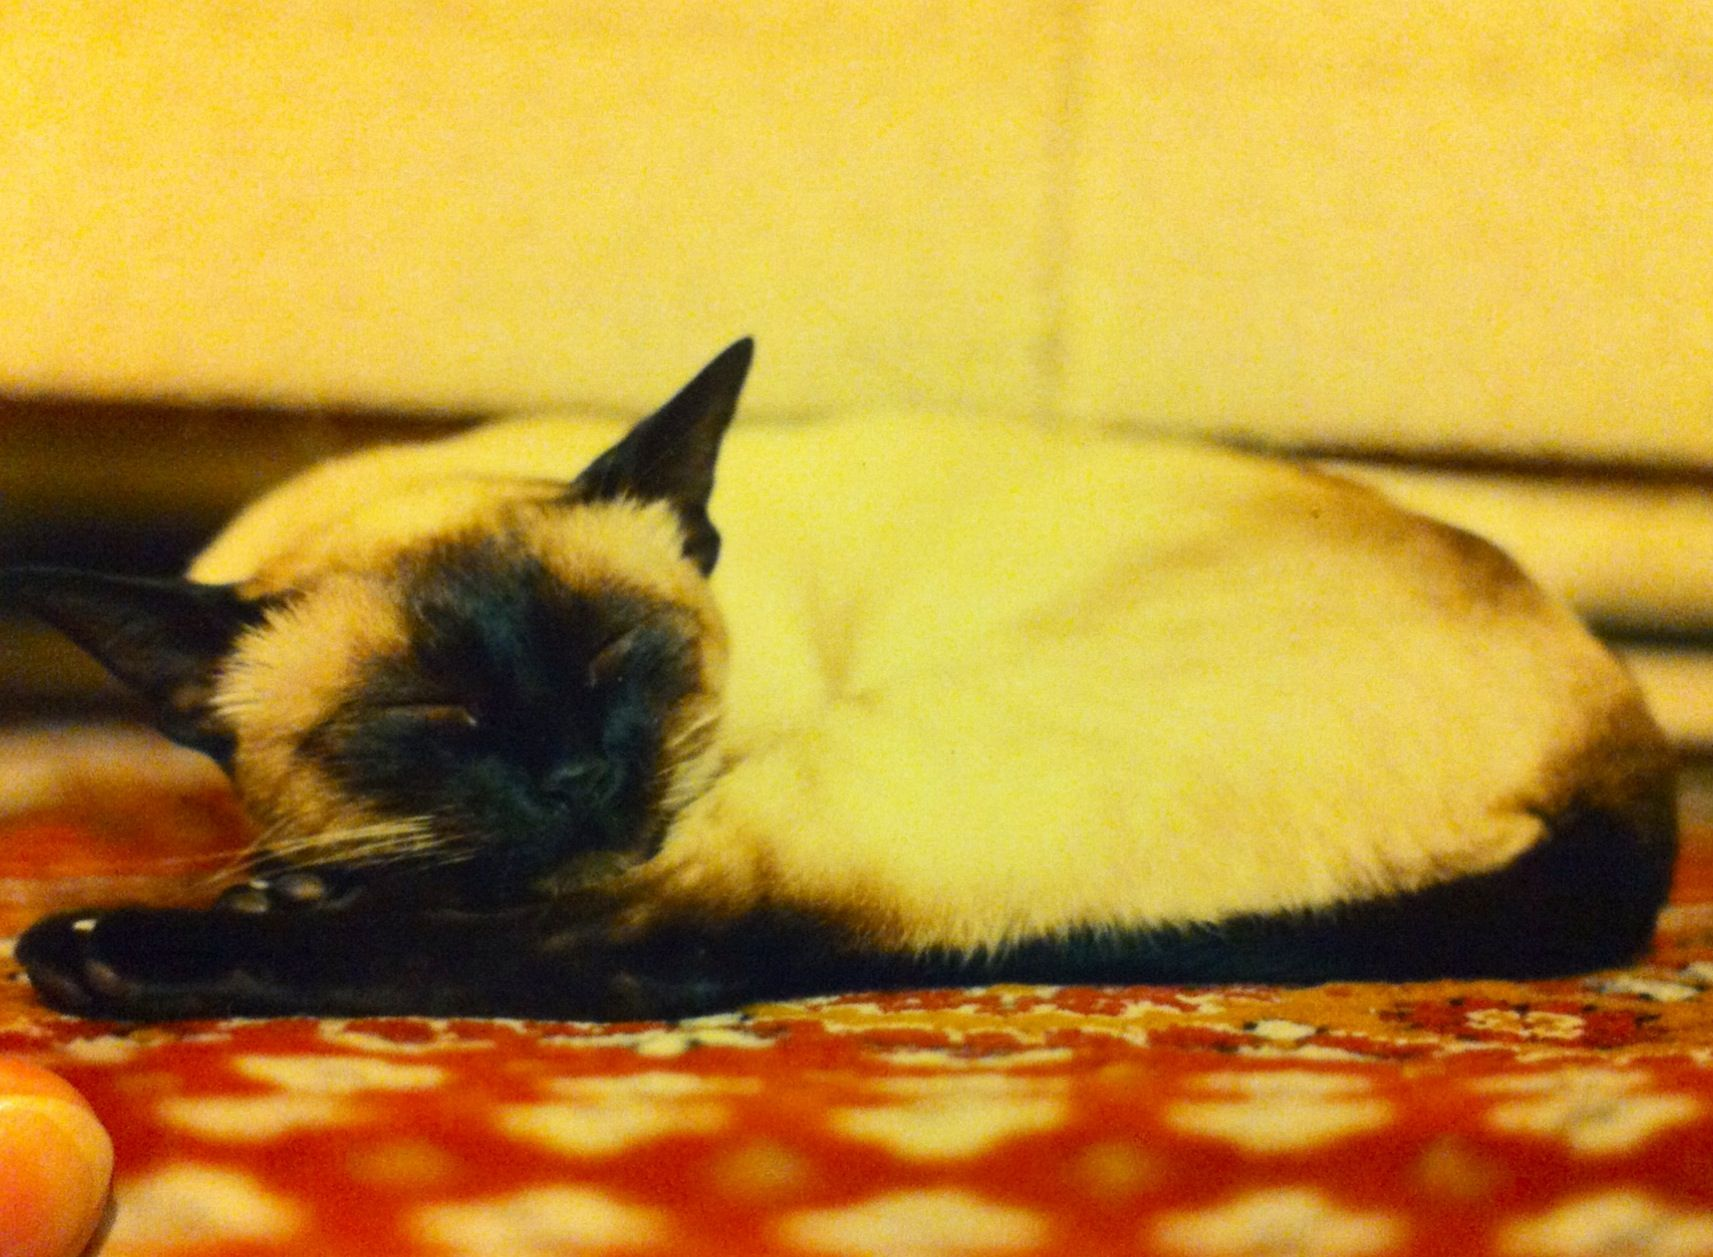 Minouge (qepd) (RIP) Mi primera gata, llegó a la familia en octubre de 1986.  Estuvo con nosotros hasta el año 1993. Muy juguetona y hacía desastres en las cortinas.